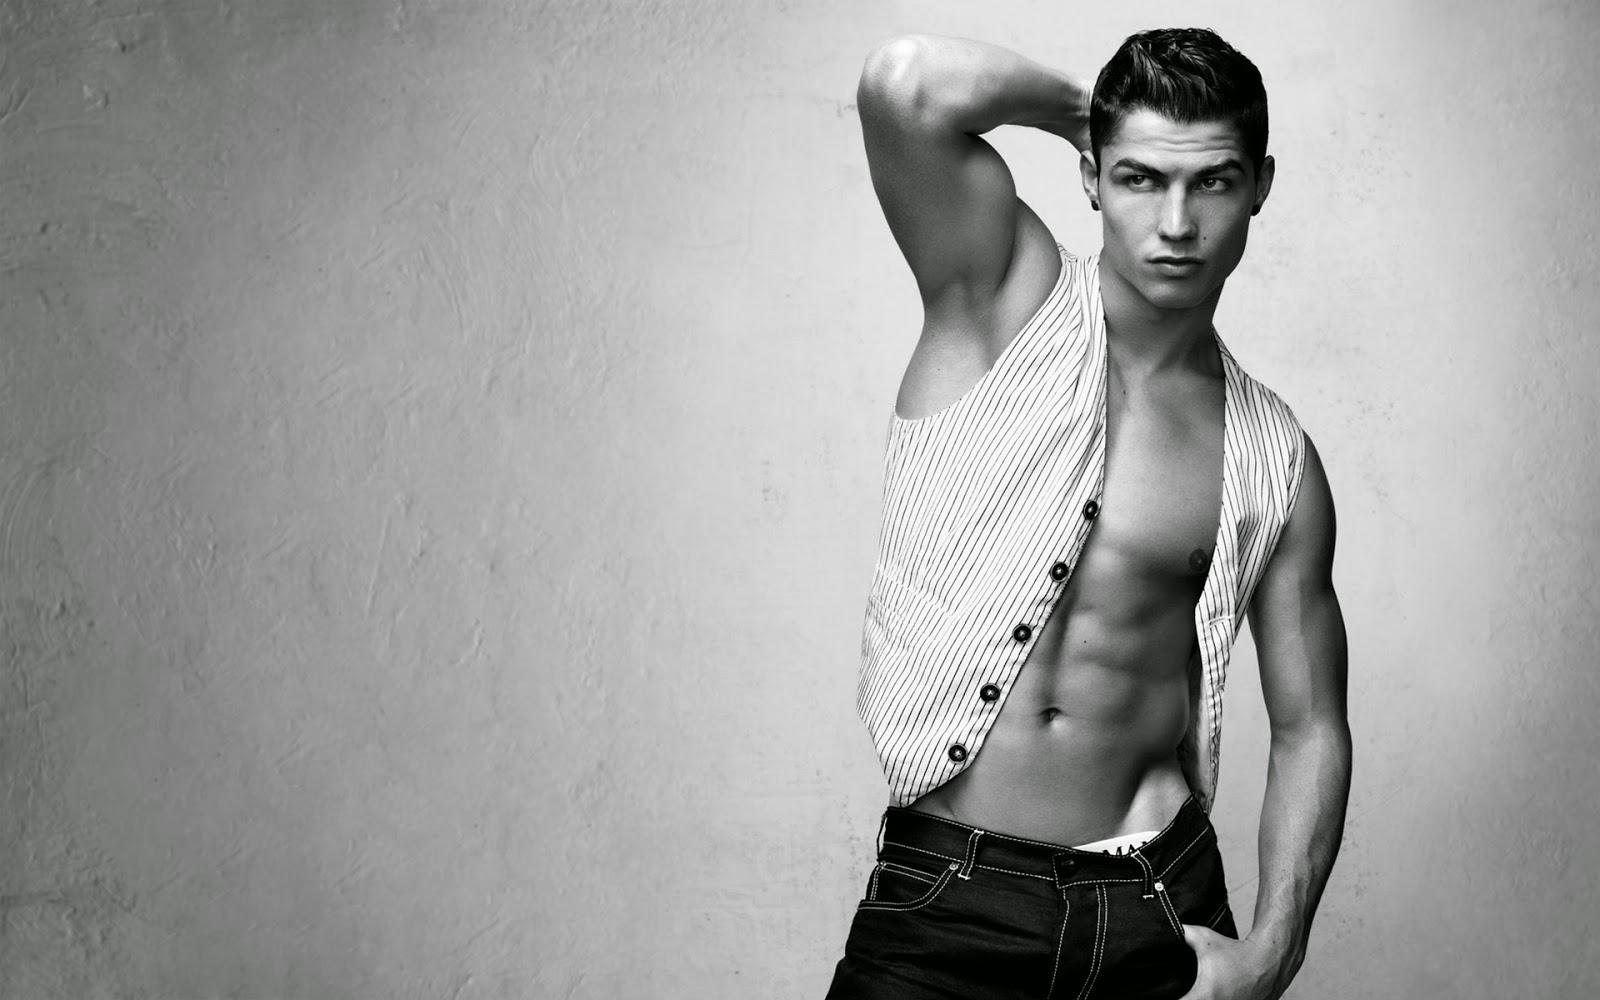 Cristiano Ronaldo's Shaved Armpits